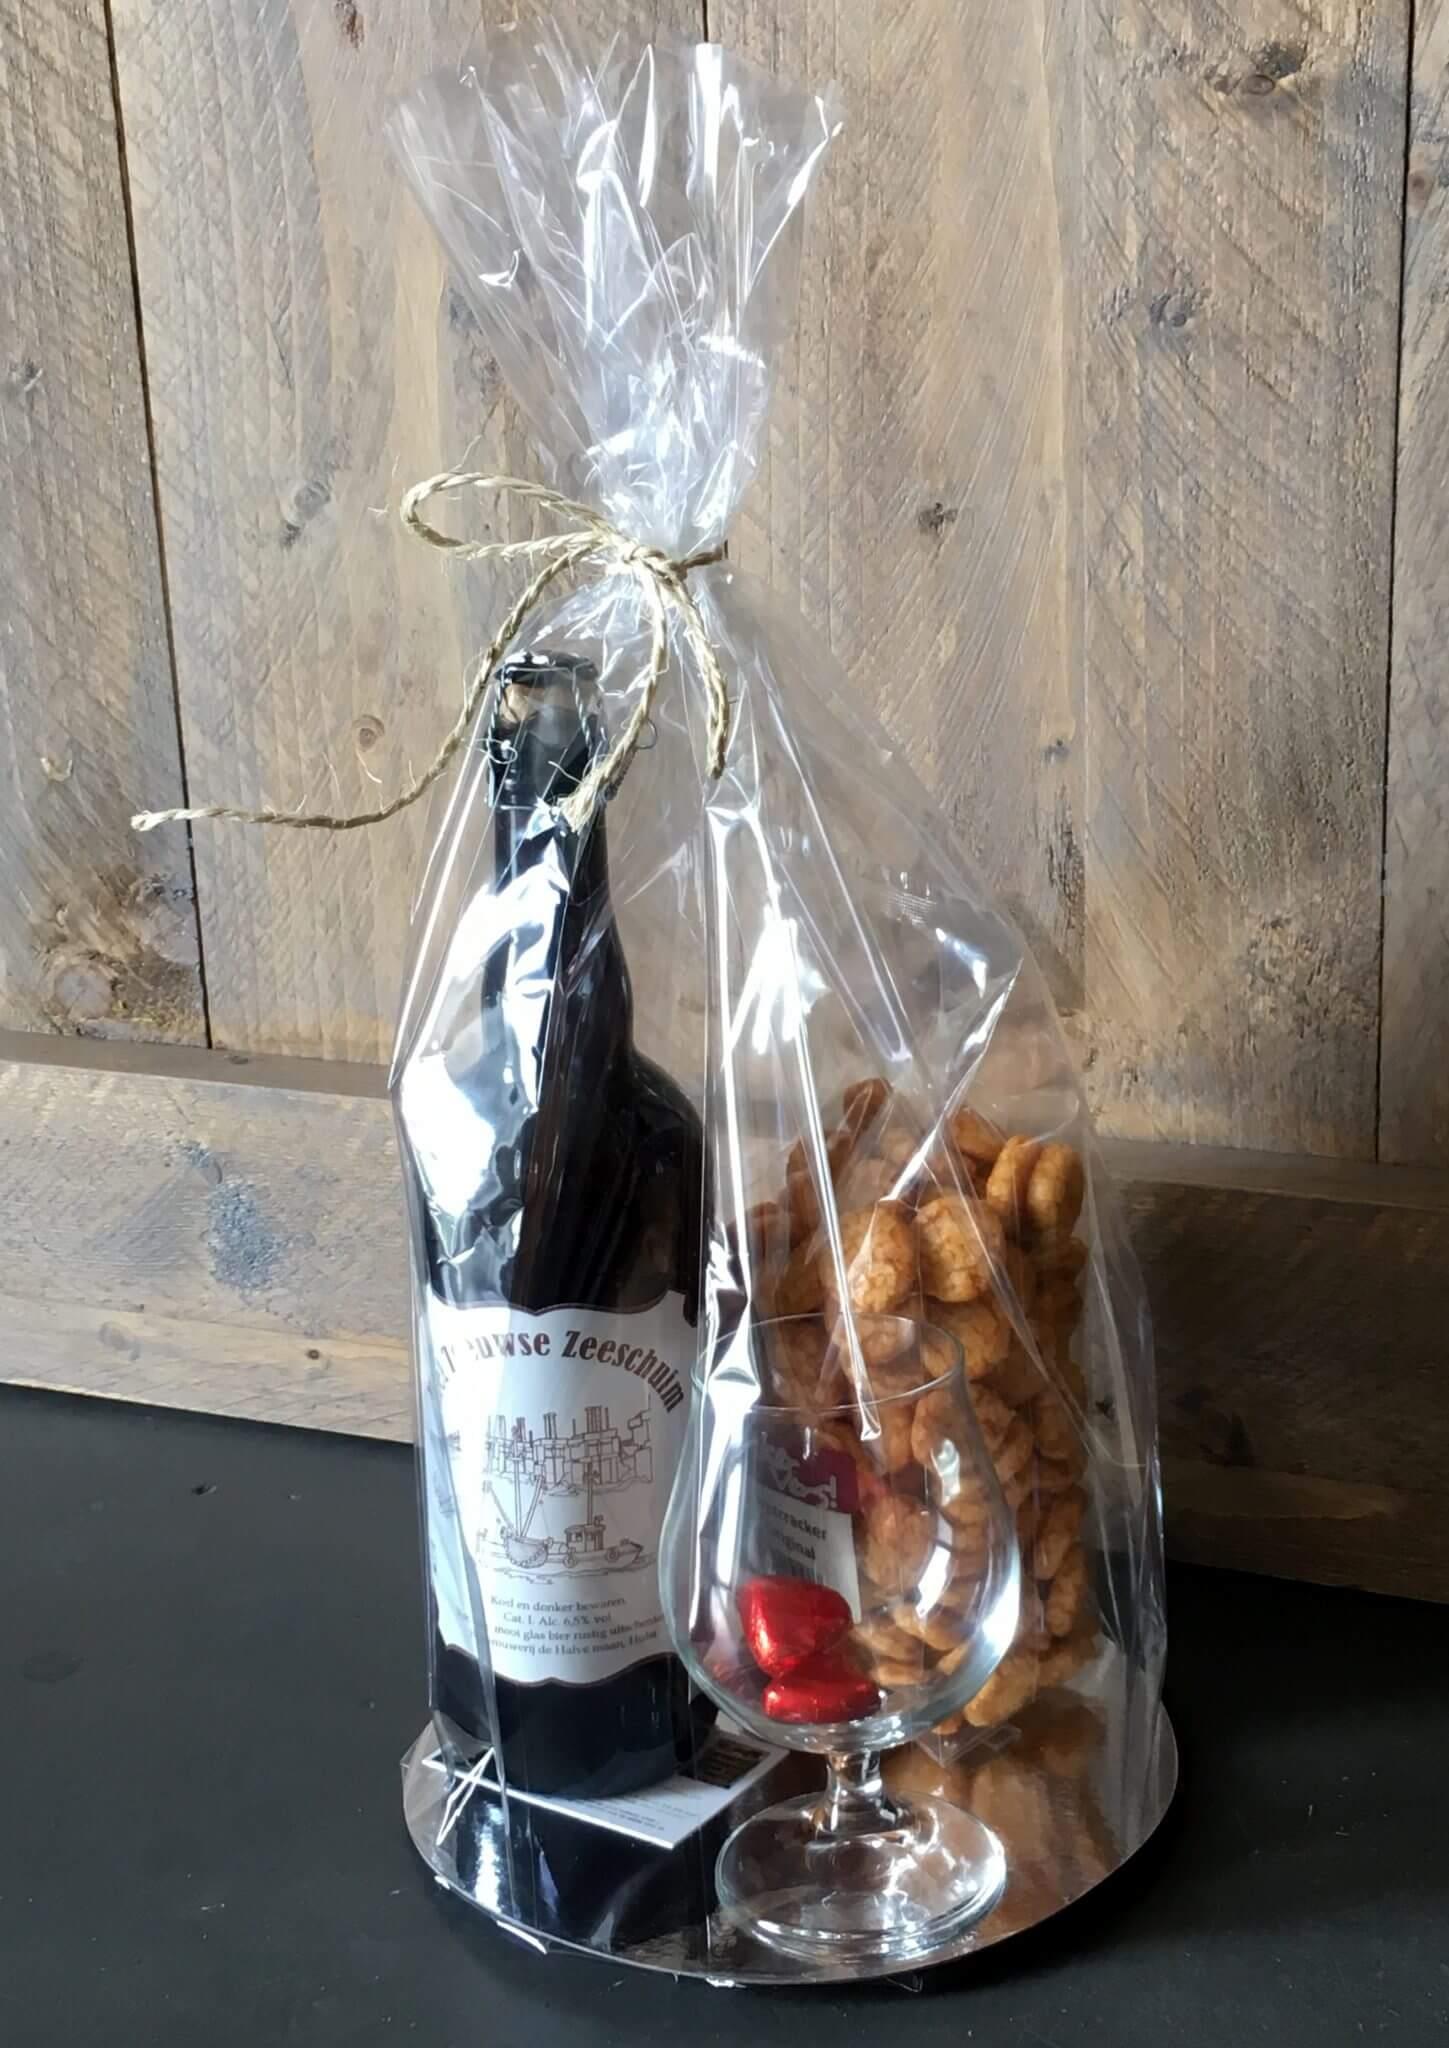 Fruitbedrijf Van den Berge_cadeaupakket 80